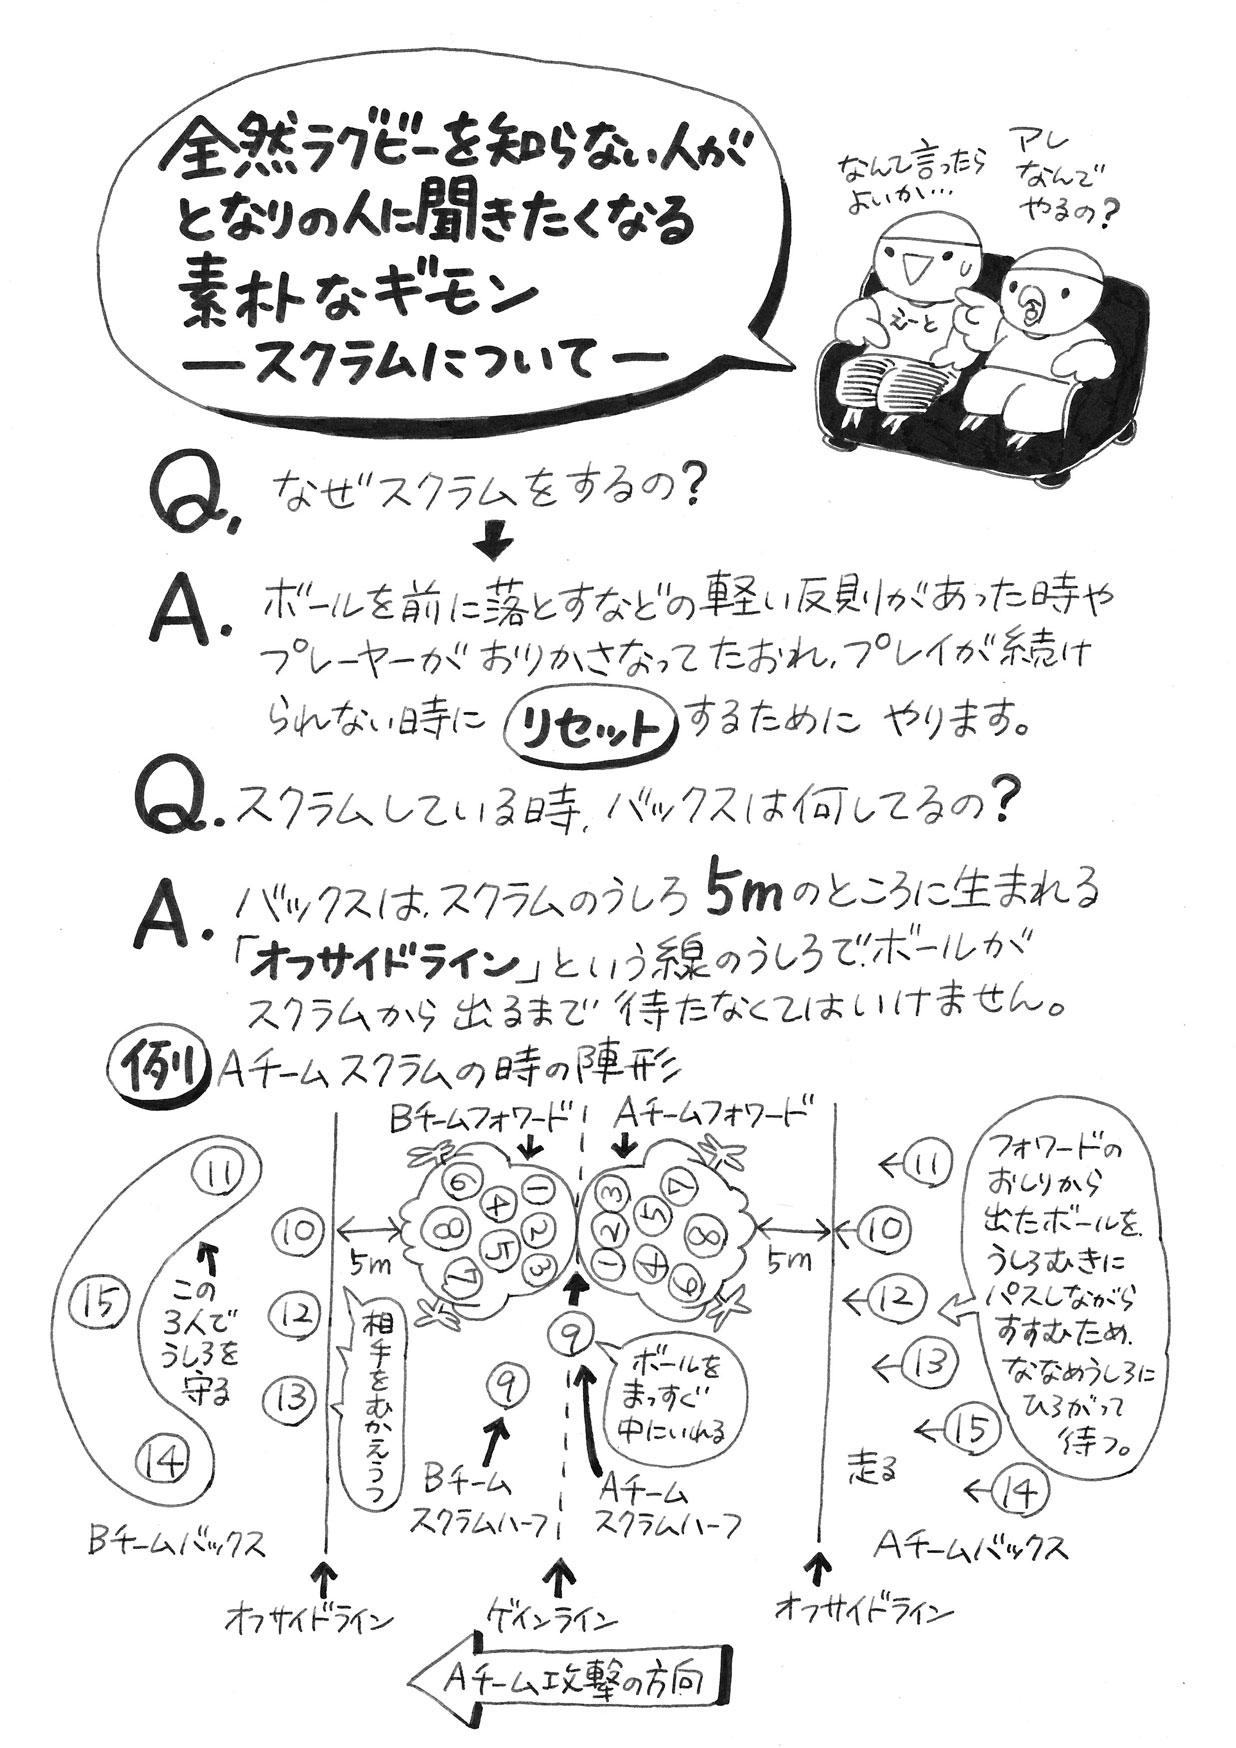 ラグビーインコ解説 ラグビー初心者の素朴な疑問_d0123492_18134779.jpg